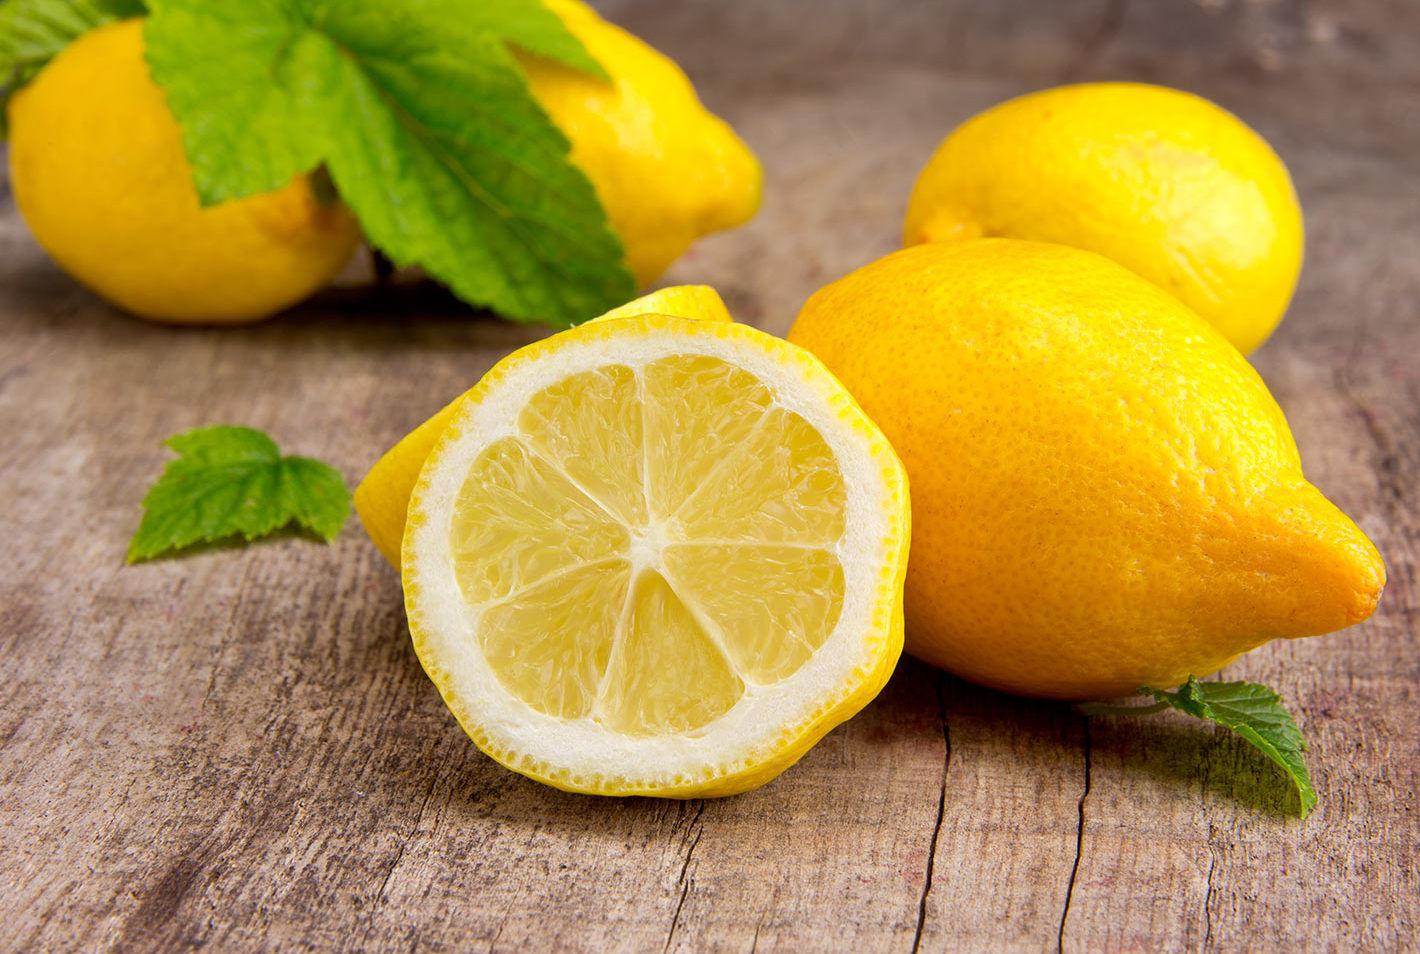 Полезно или опасно: что произойдет с организмом, если употреблять много лимонов